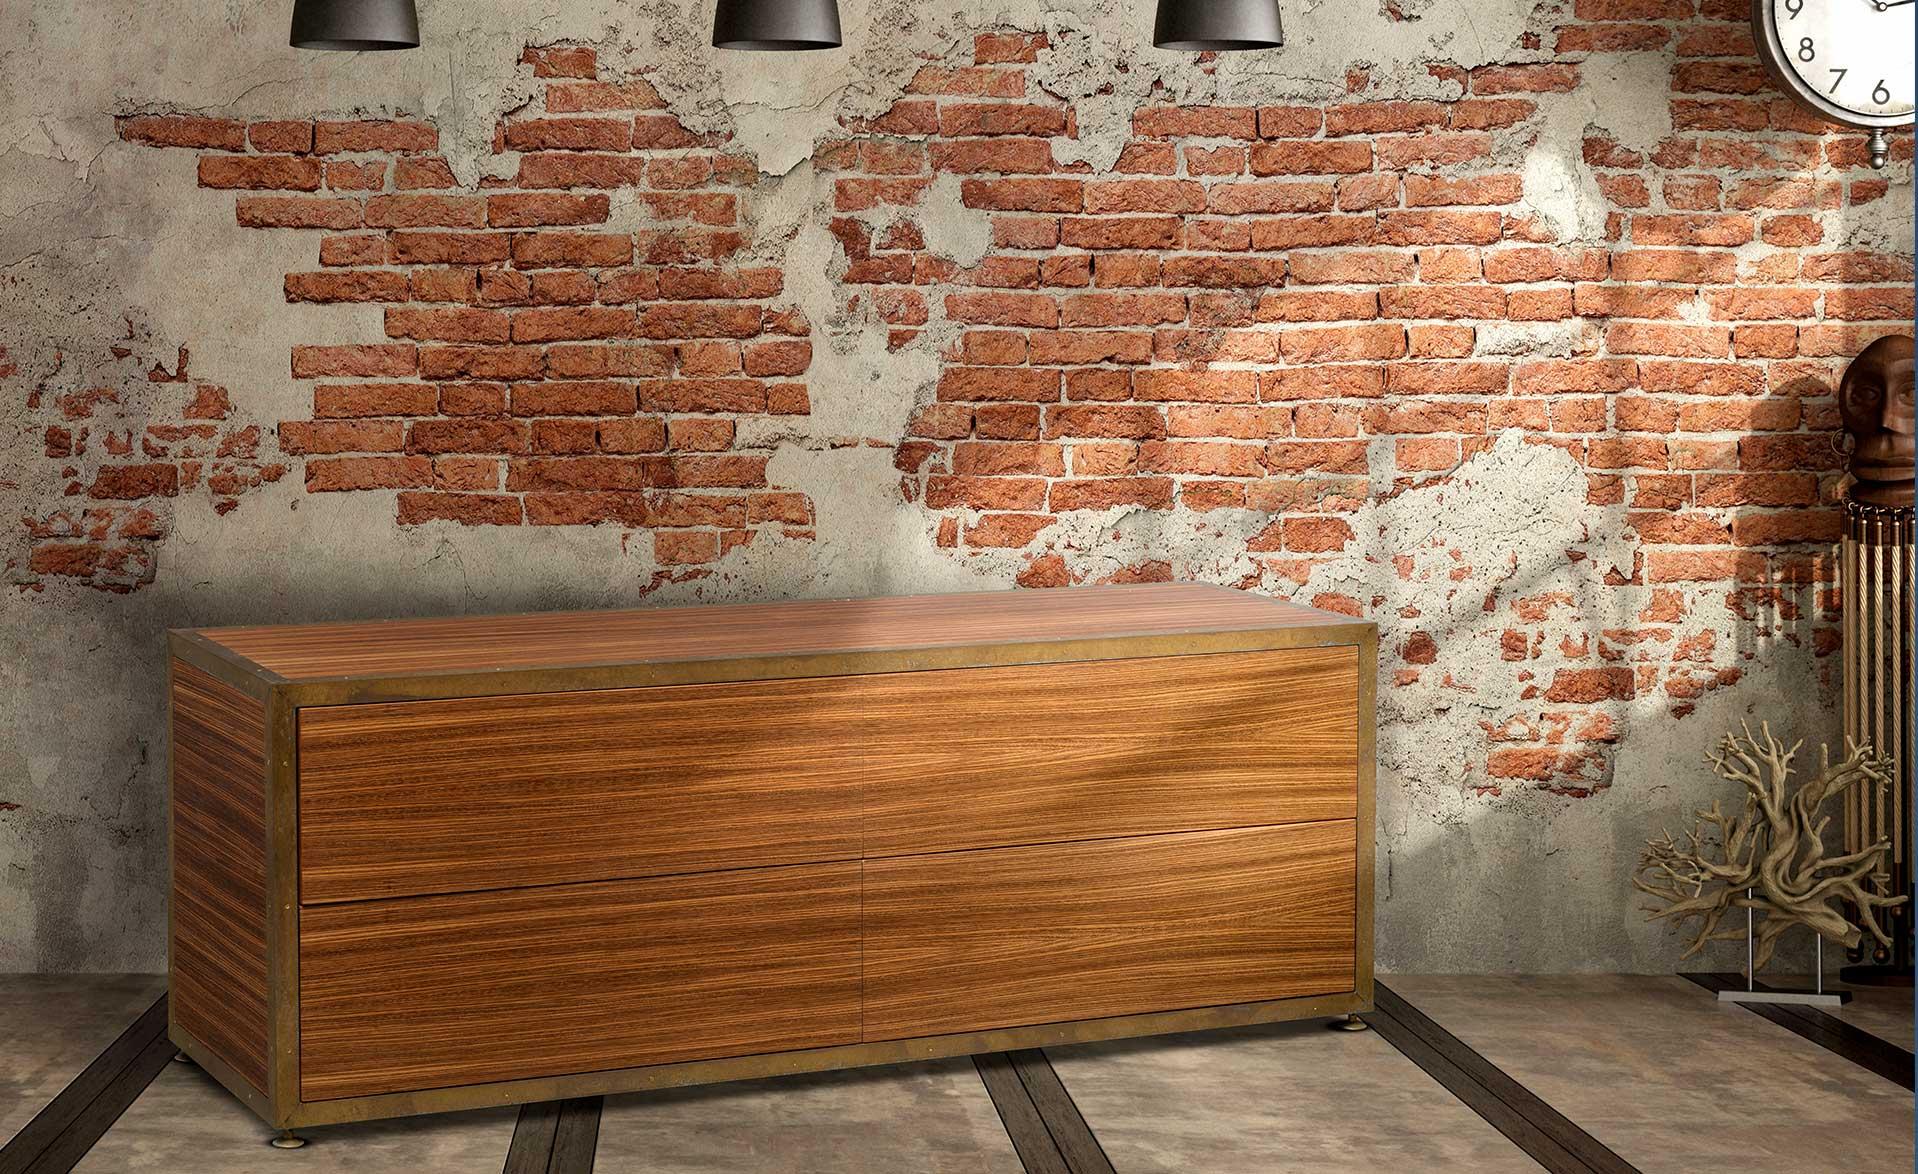 cassettiera-a-4-cassetti-push-and-pull-in-legno-zebrano-ottone-vendita-arredamento-di-design-asolo-treviso-vicenza-italia-a